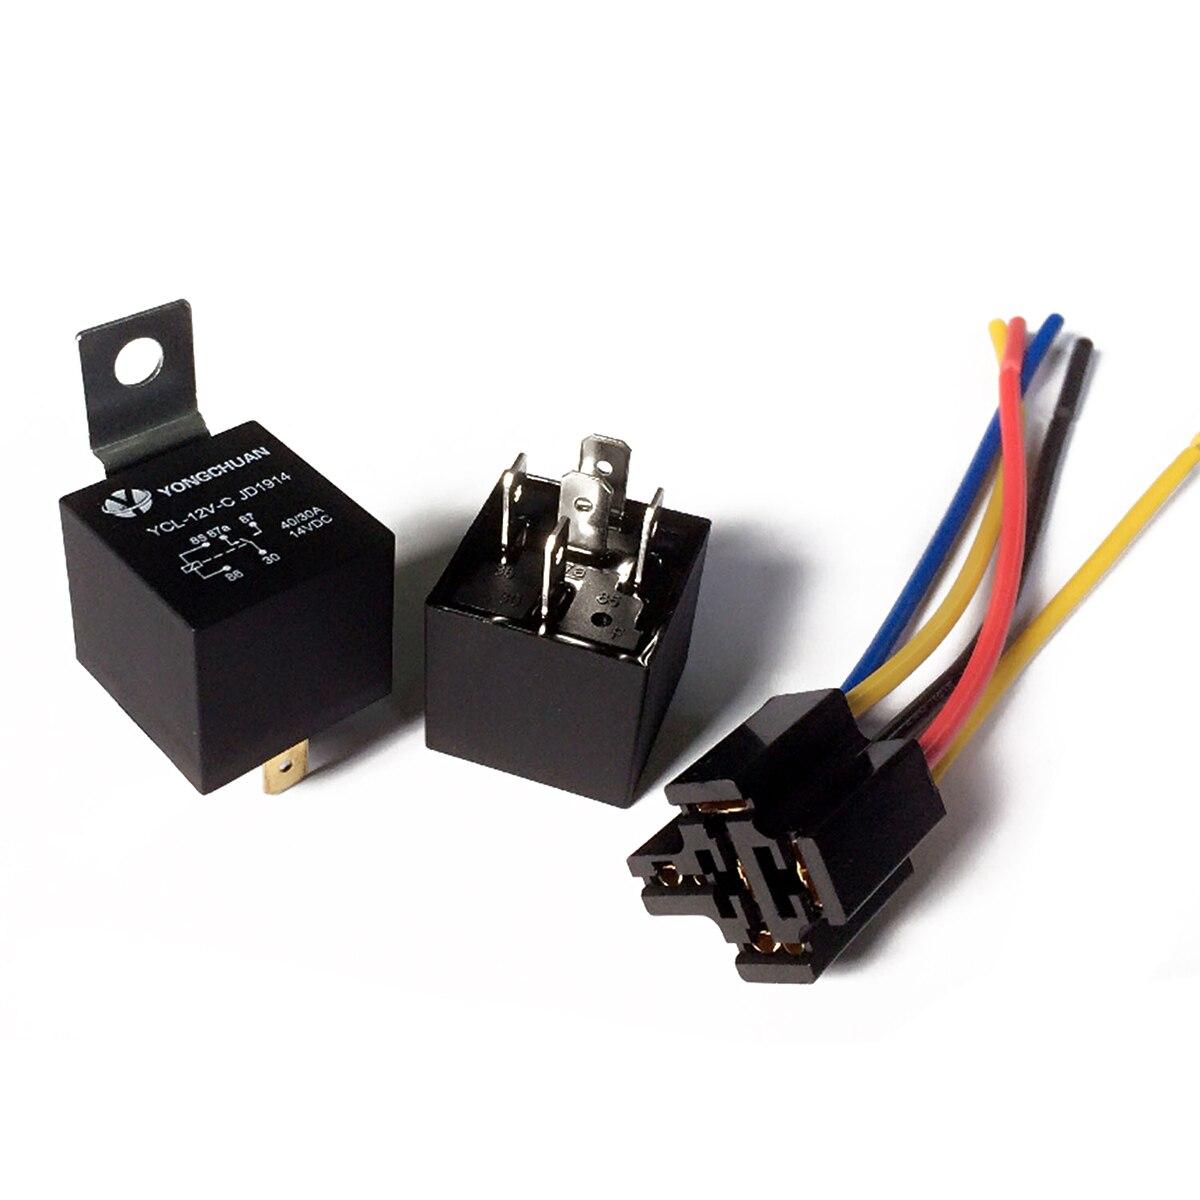 US $10.34 40% OFF 5 Set 12V DC Car Relay 40A Relay & Socket SPDT 5 on